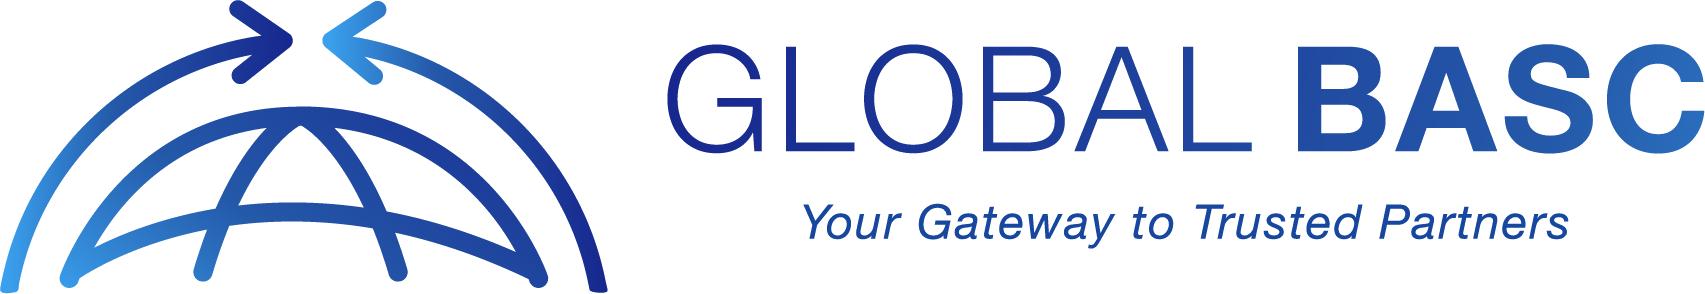 Global BASC